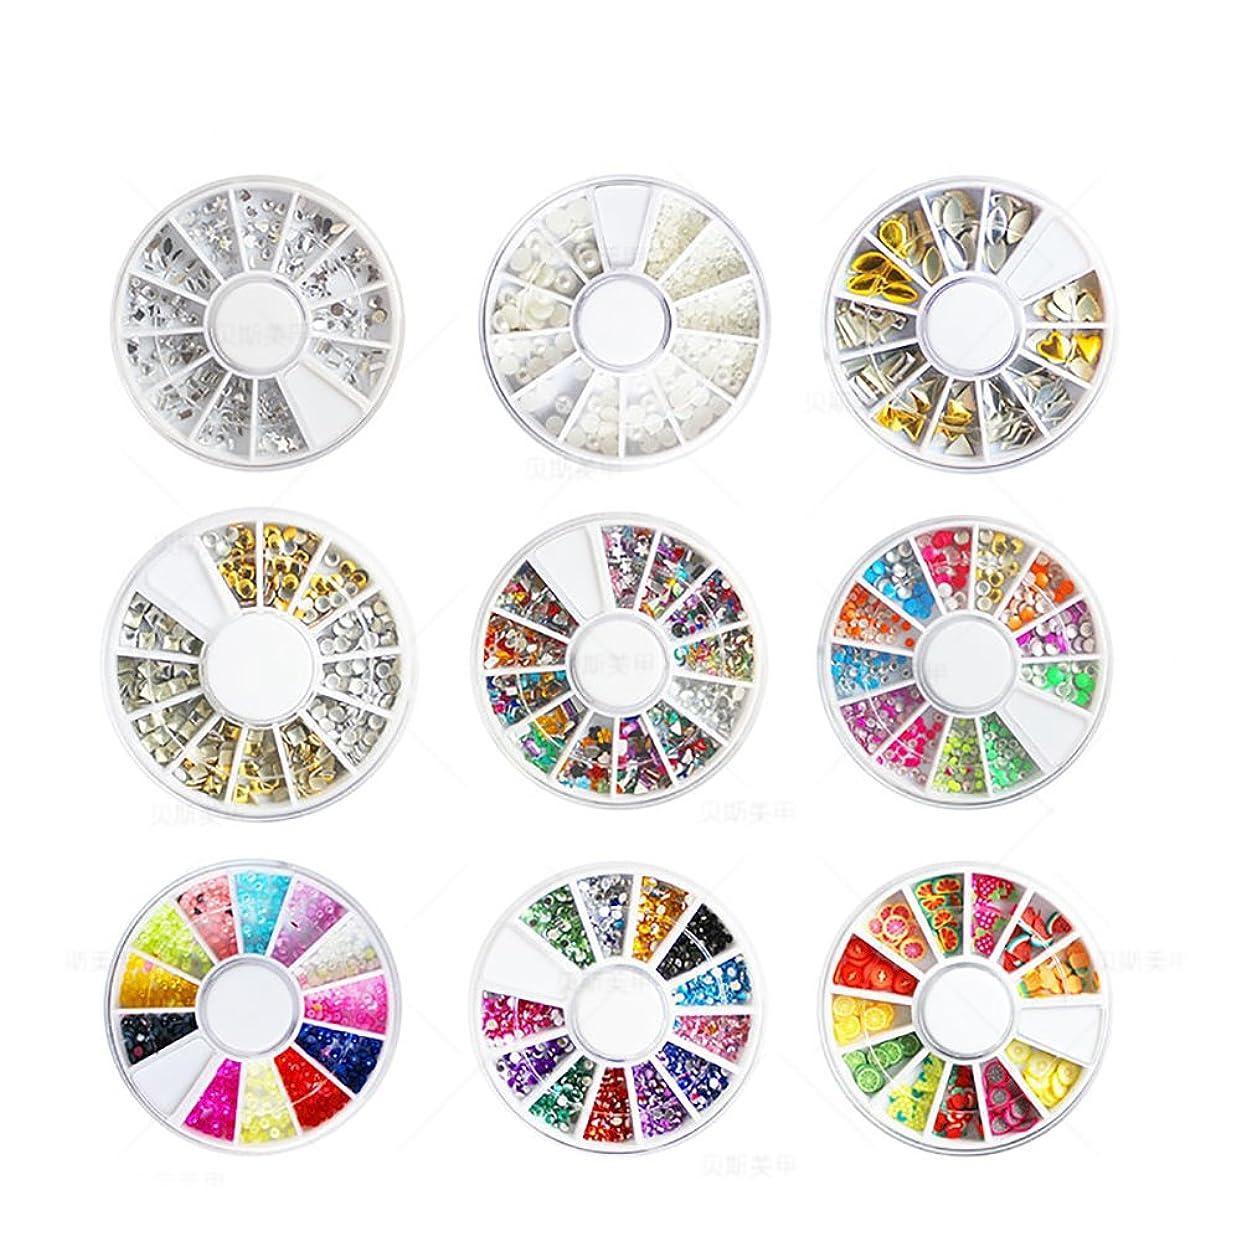 提案技術者芽CUGBO ラインストーン ネイル用ストーン ビーズ 3Dネイルダイヤモンド 盛り合わせ ケース付 混合花柄 フルーツ 9個セット